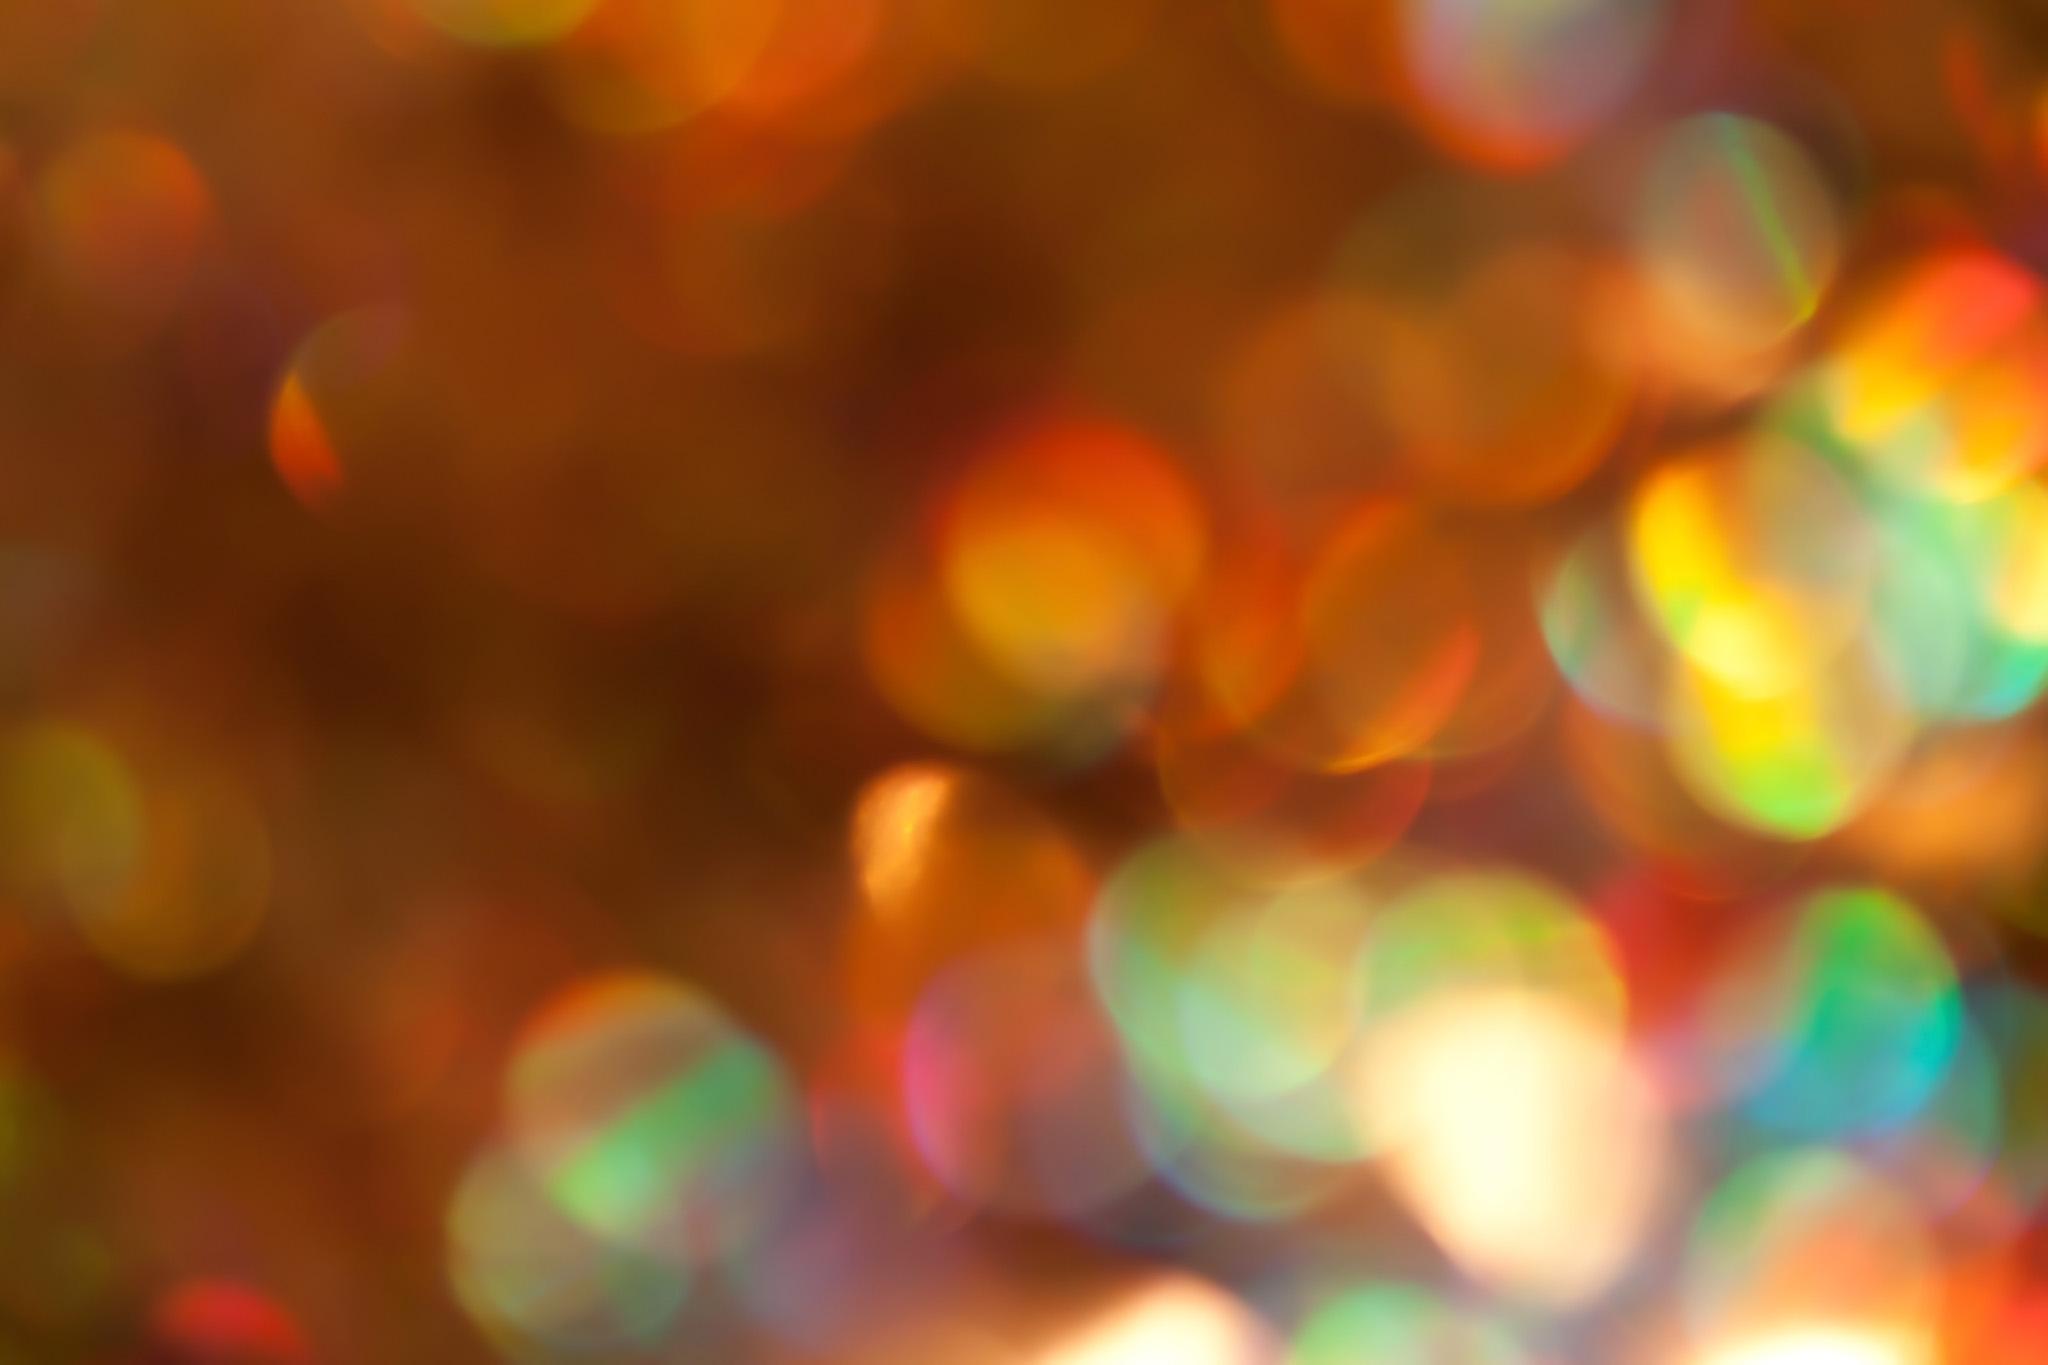 「キラキラと反射する虹色の光」